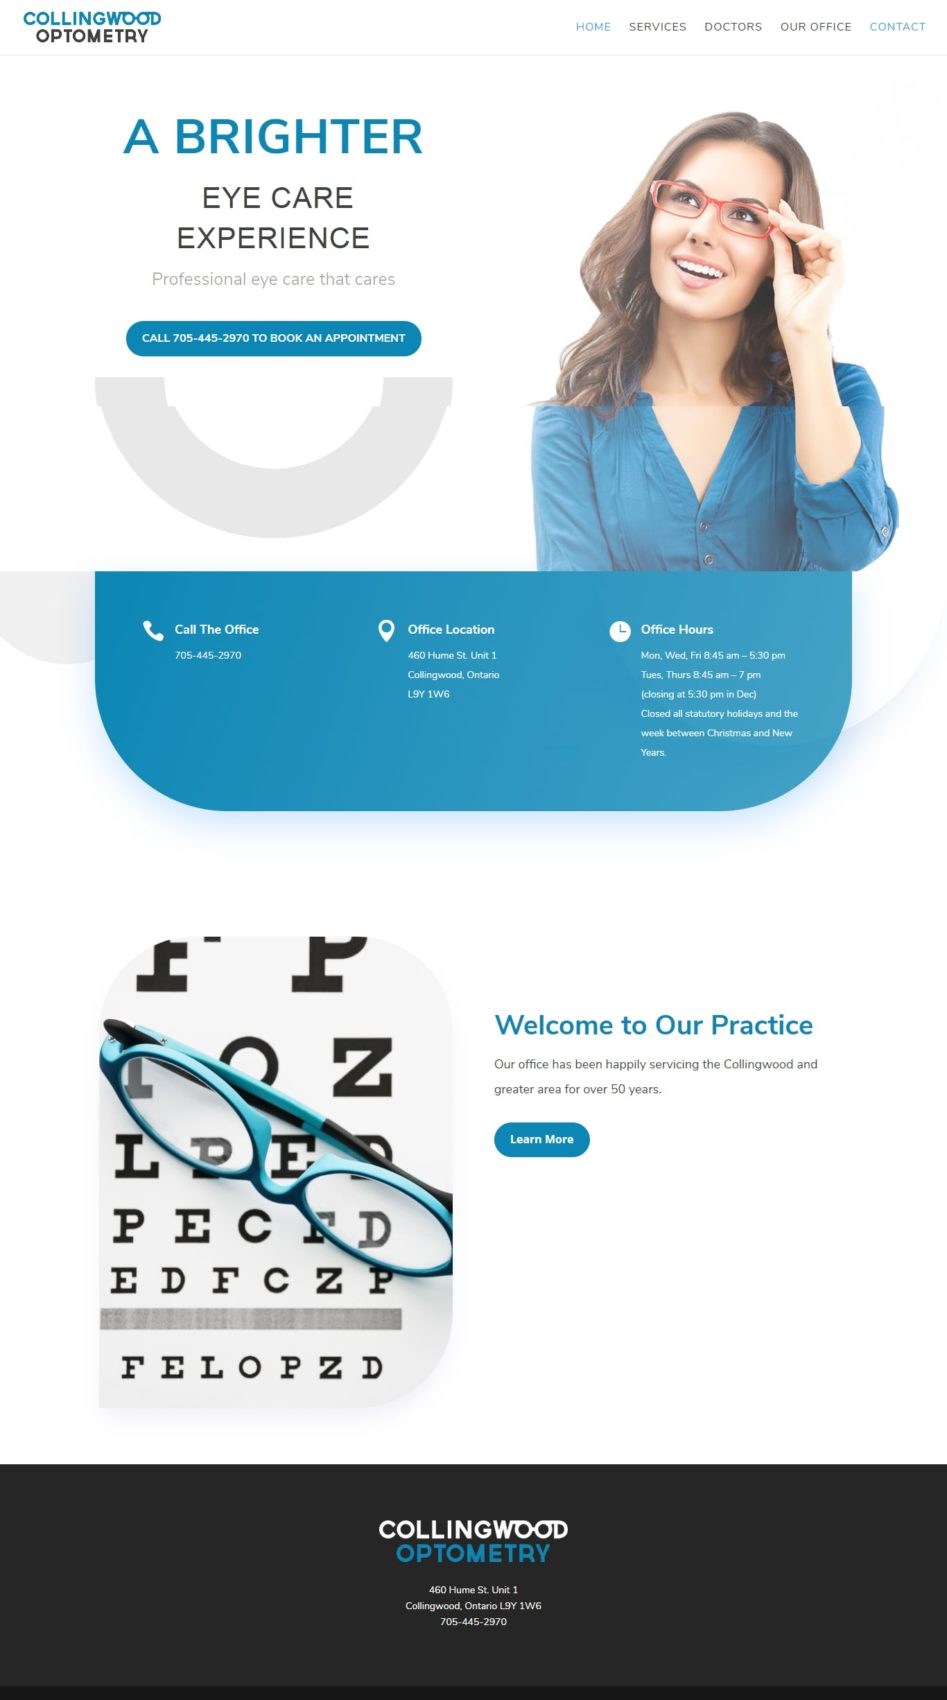 Collingwood Optometry